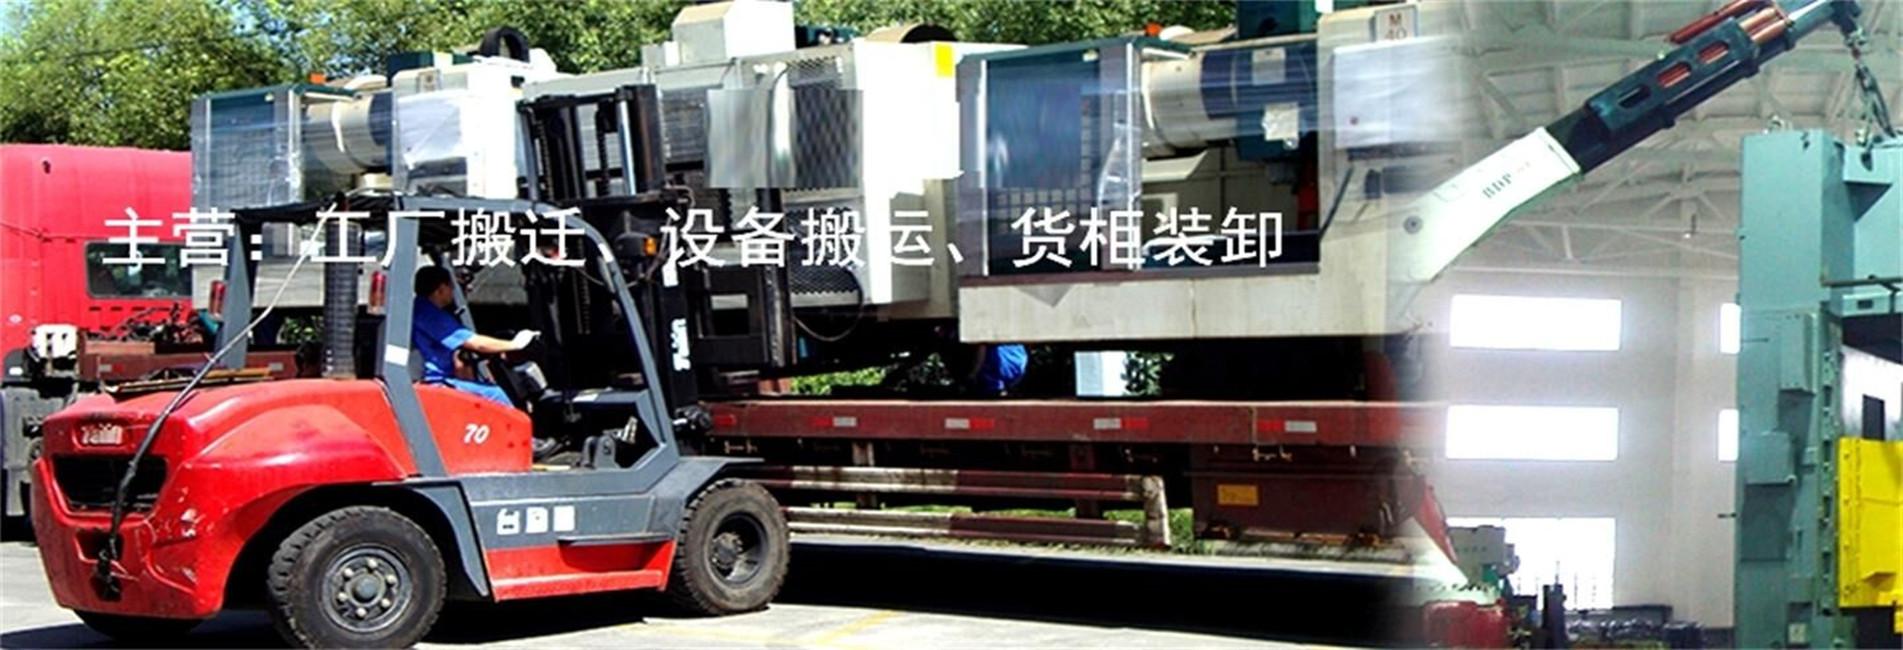 上海吊车出租价格_上海腾熙装卸有限公司